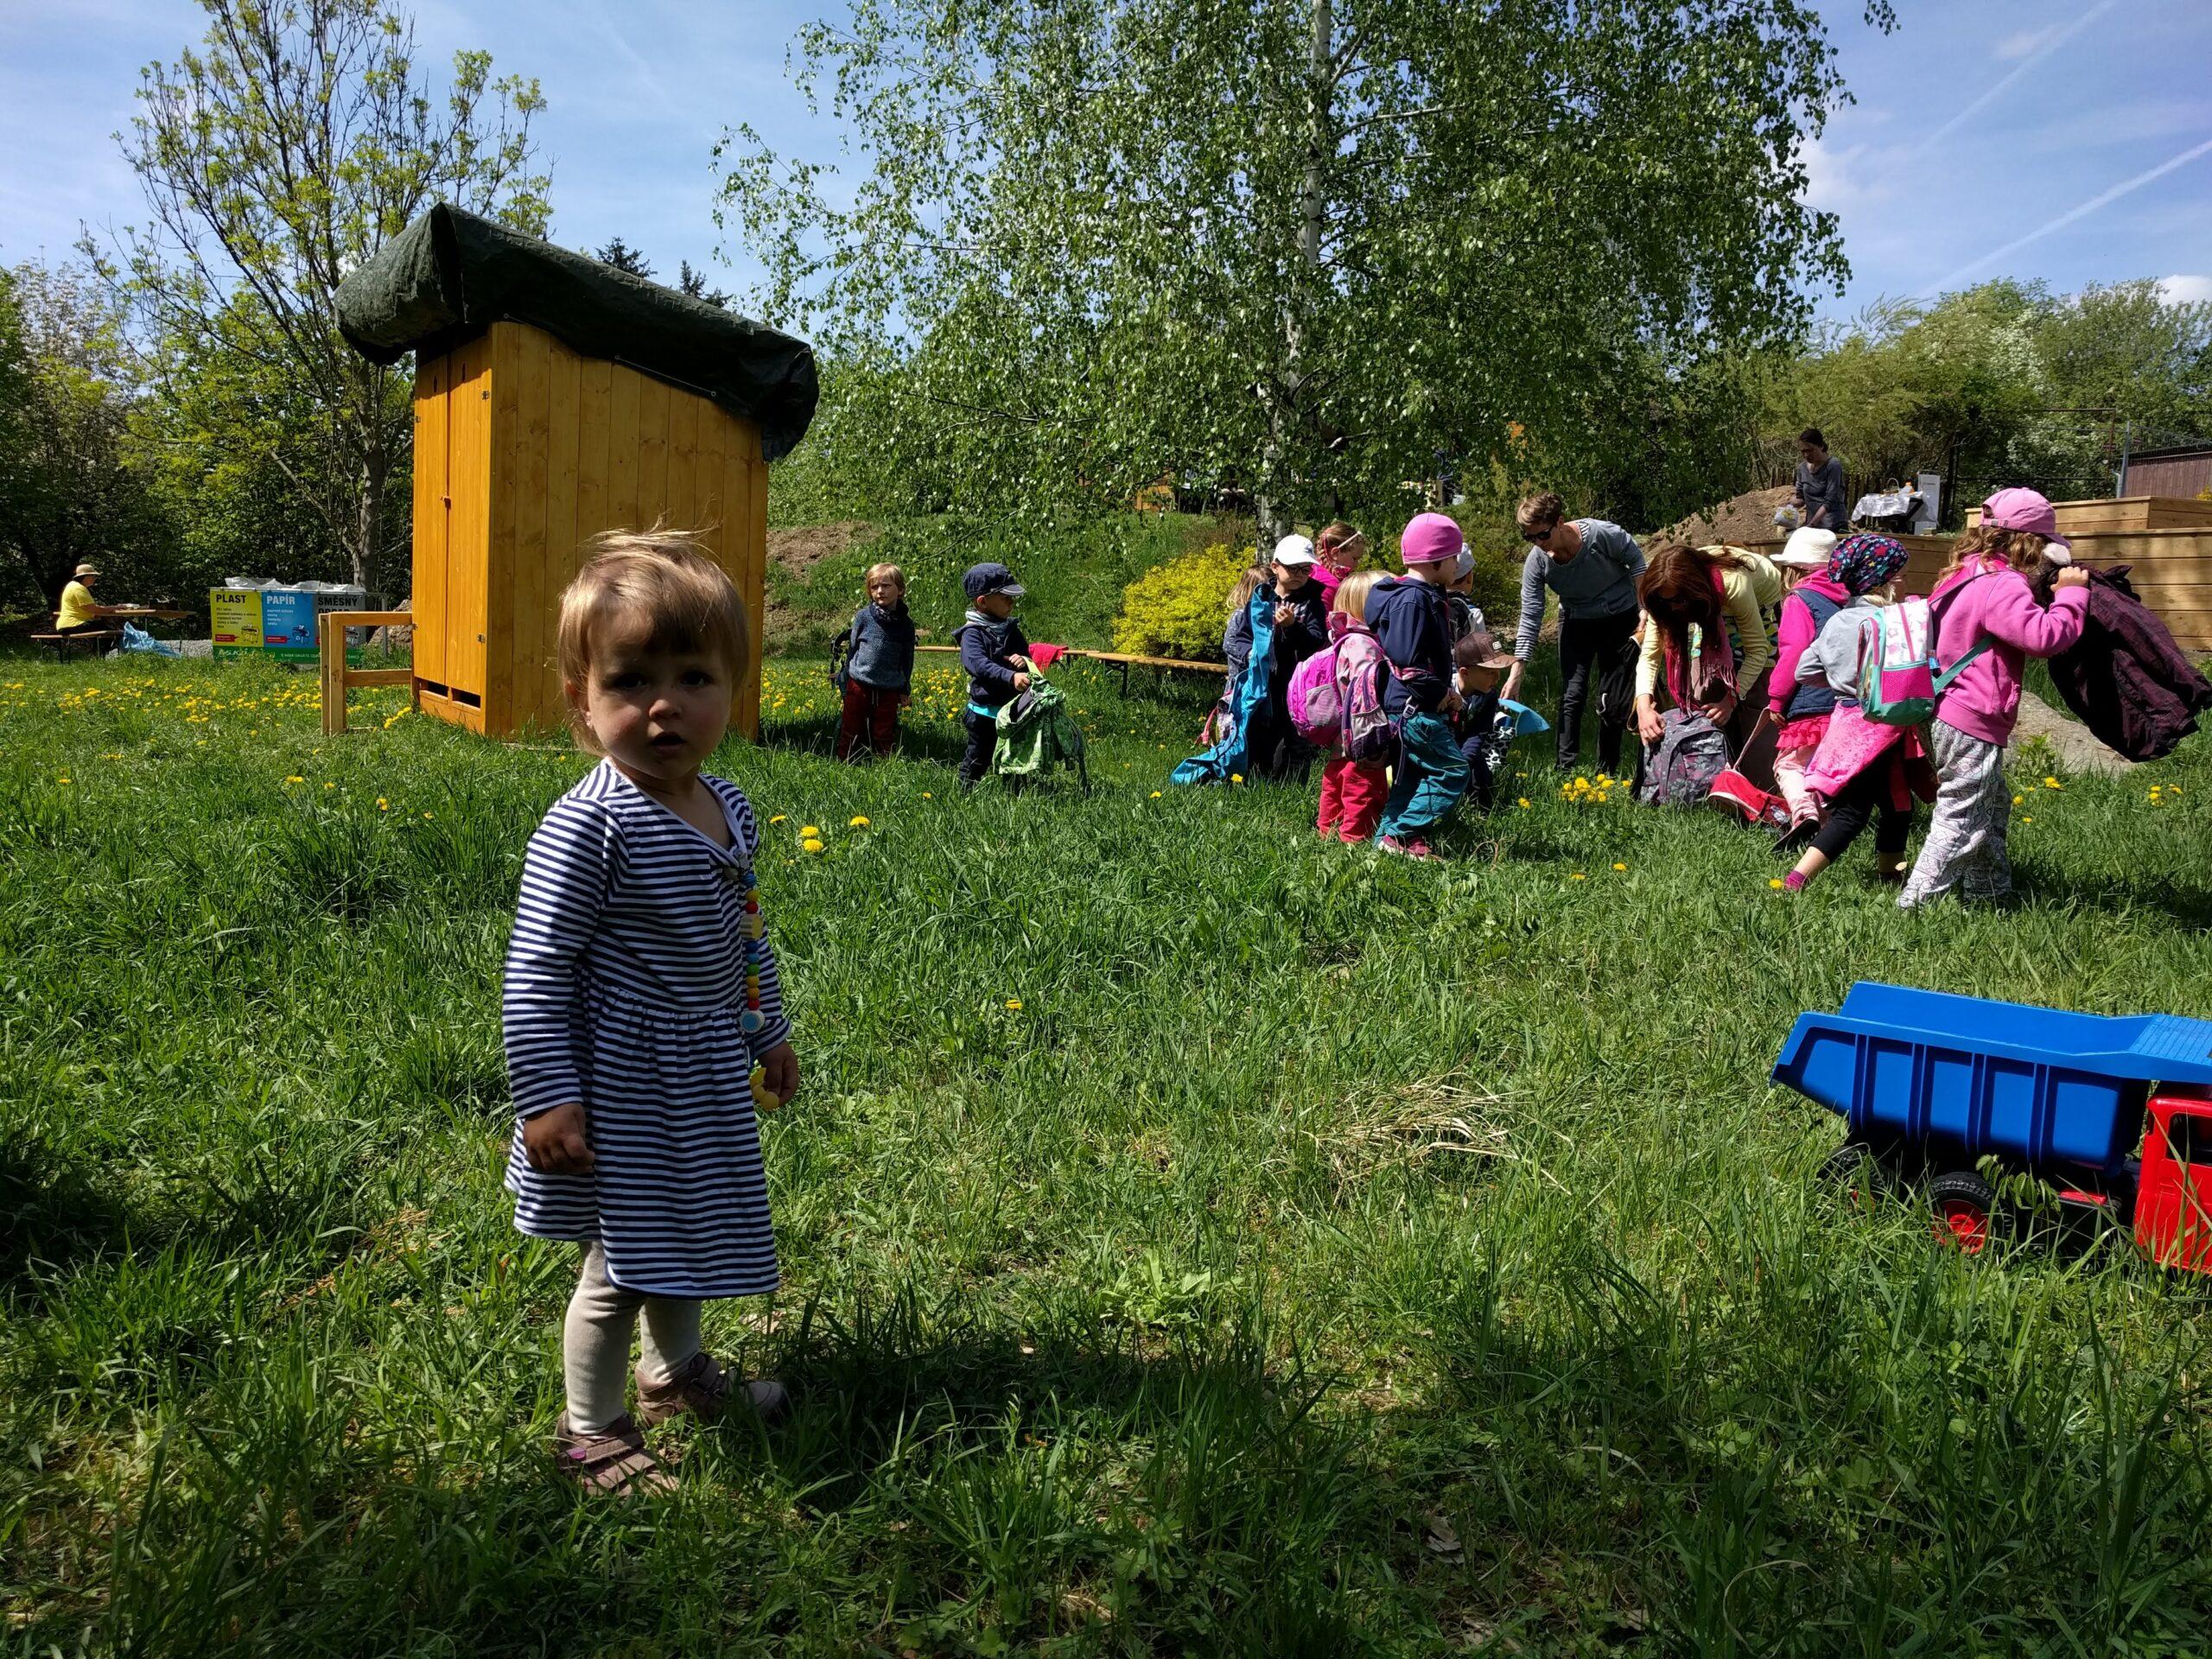 """Už 30 let """"učí řeči přírody"""" školní děti i dospělé. Otevření Lesní mateřské školy je tak další logický krok ktomu, dostat děti do přírody. Lesní mateřská škola bude mít své […]"""